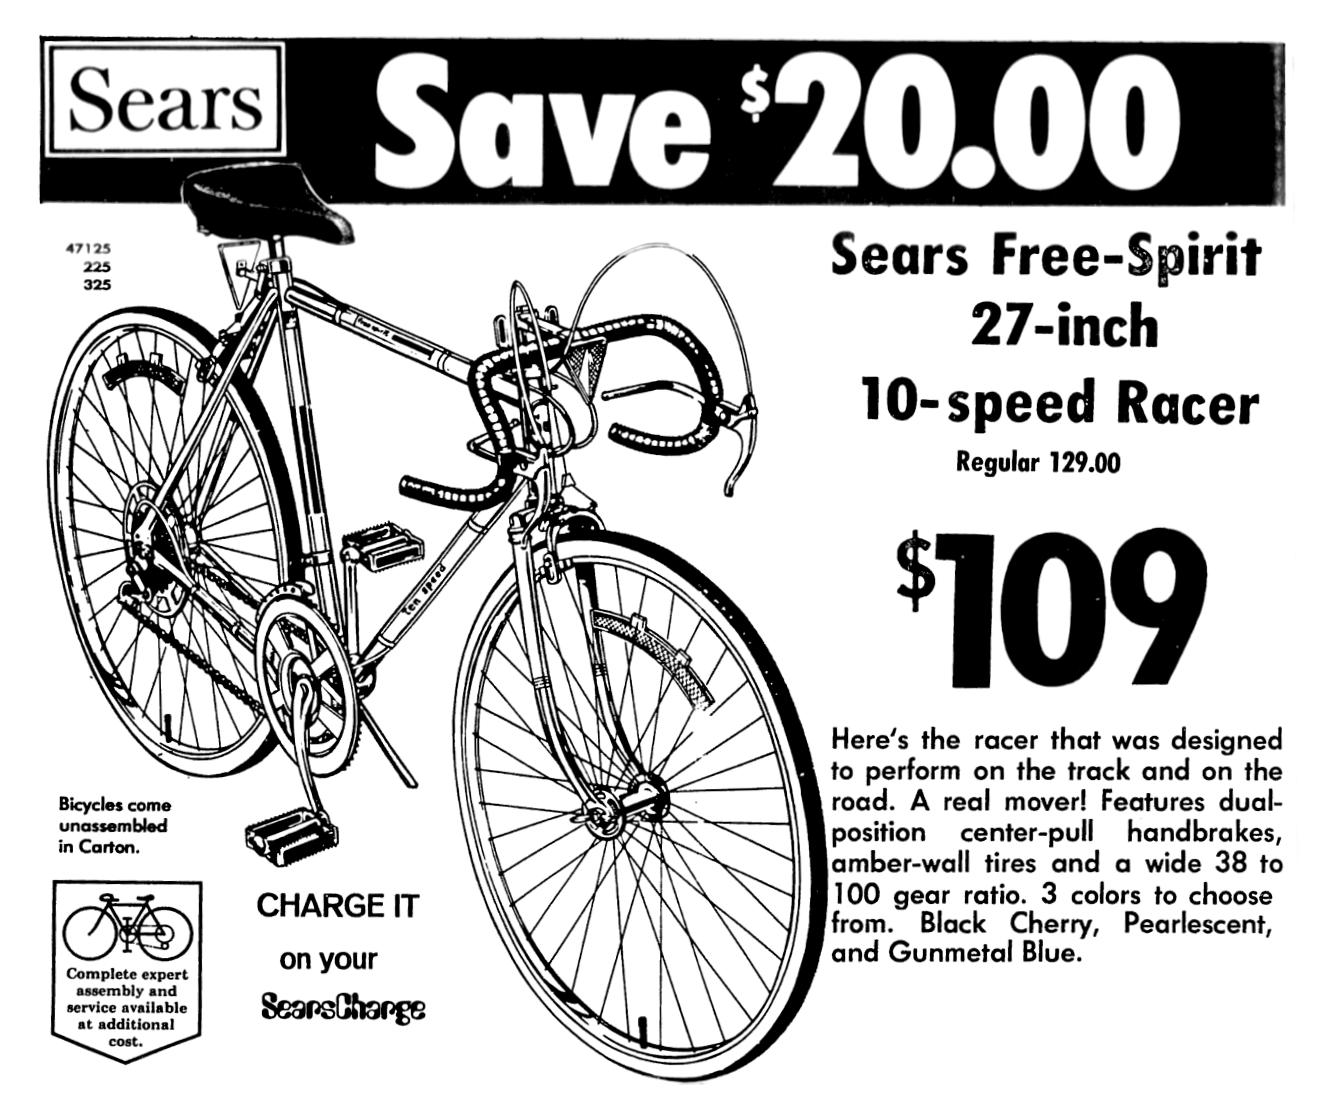 Sears Free Spirit Bicycle January 1976 Free spirit